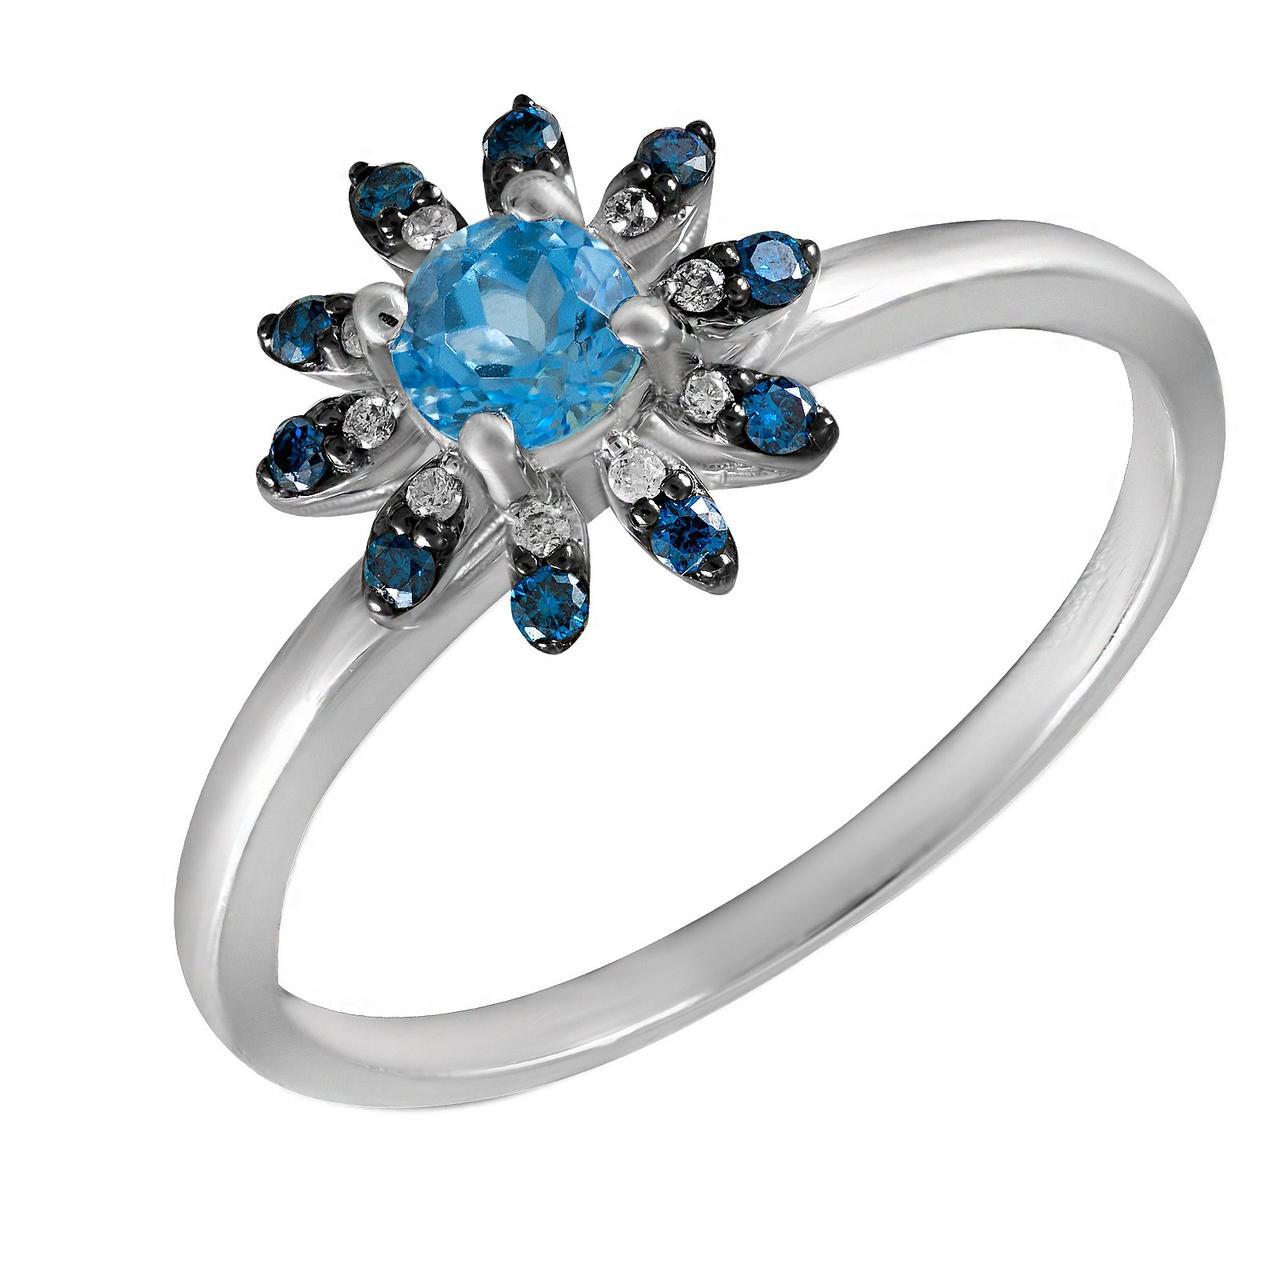 Золотое кольцо с бриллиантами и топазом, размер 16.5 (695978)